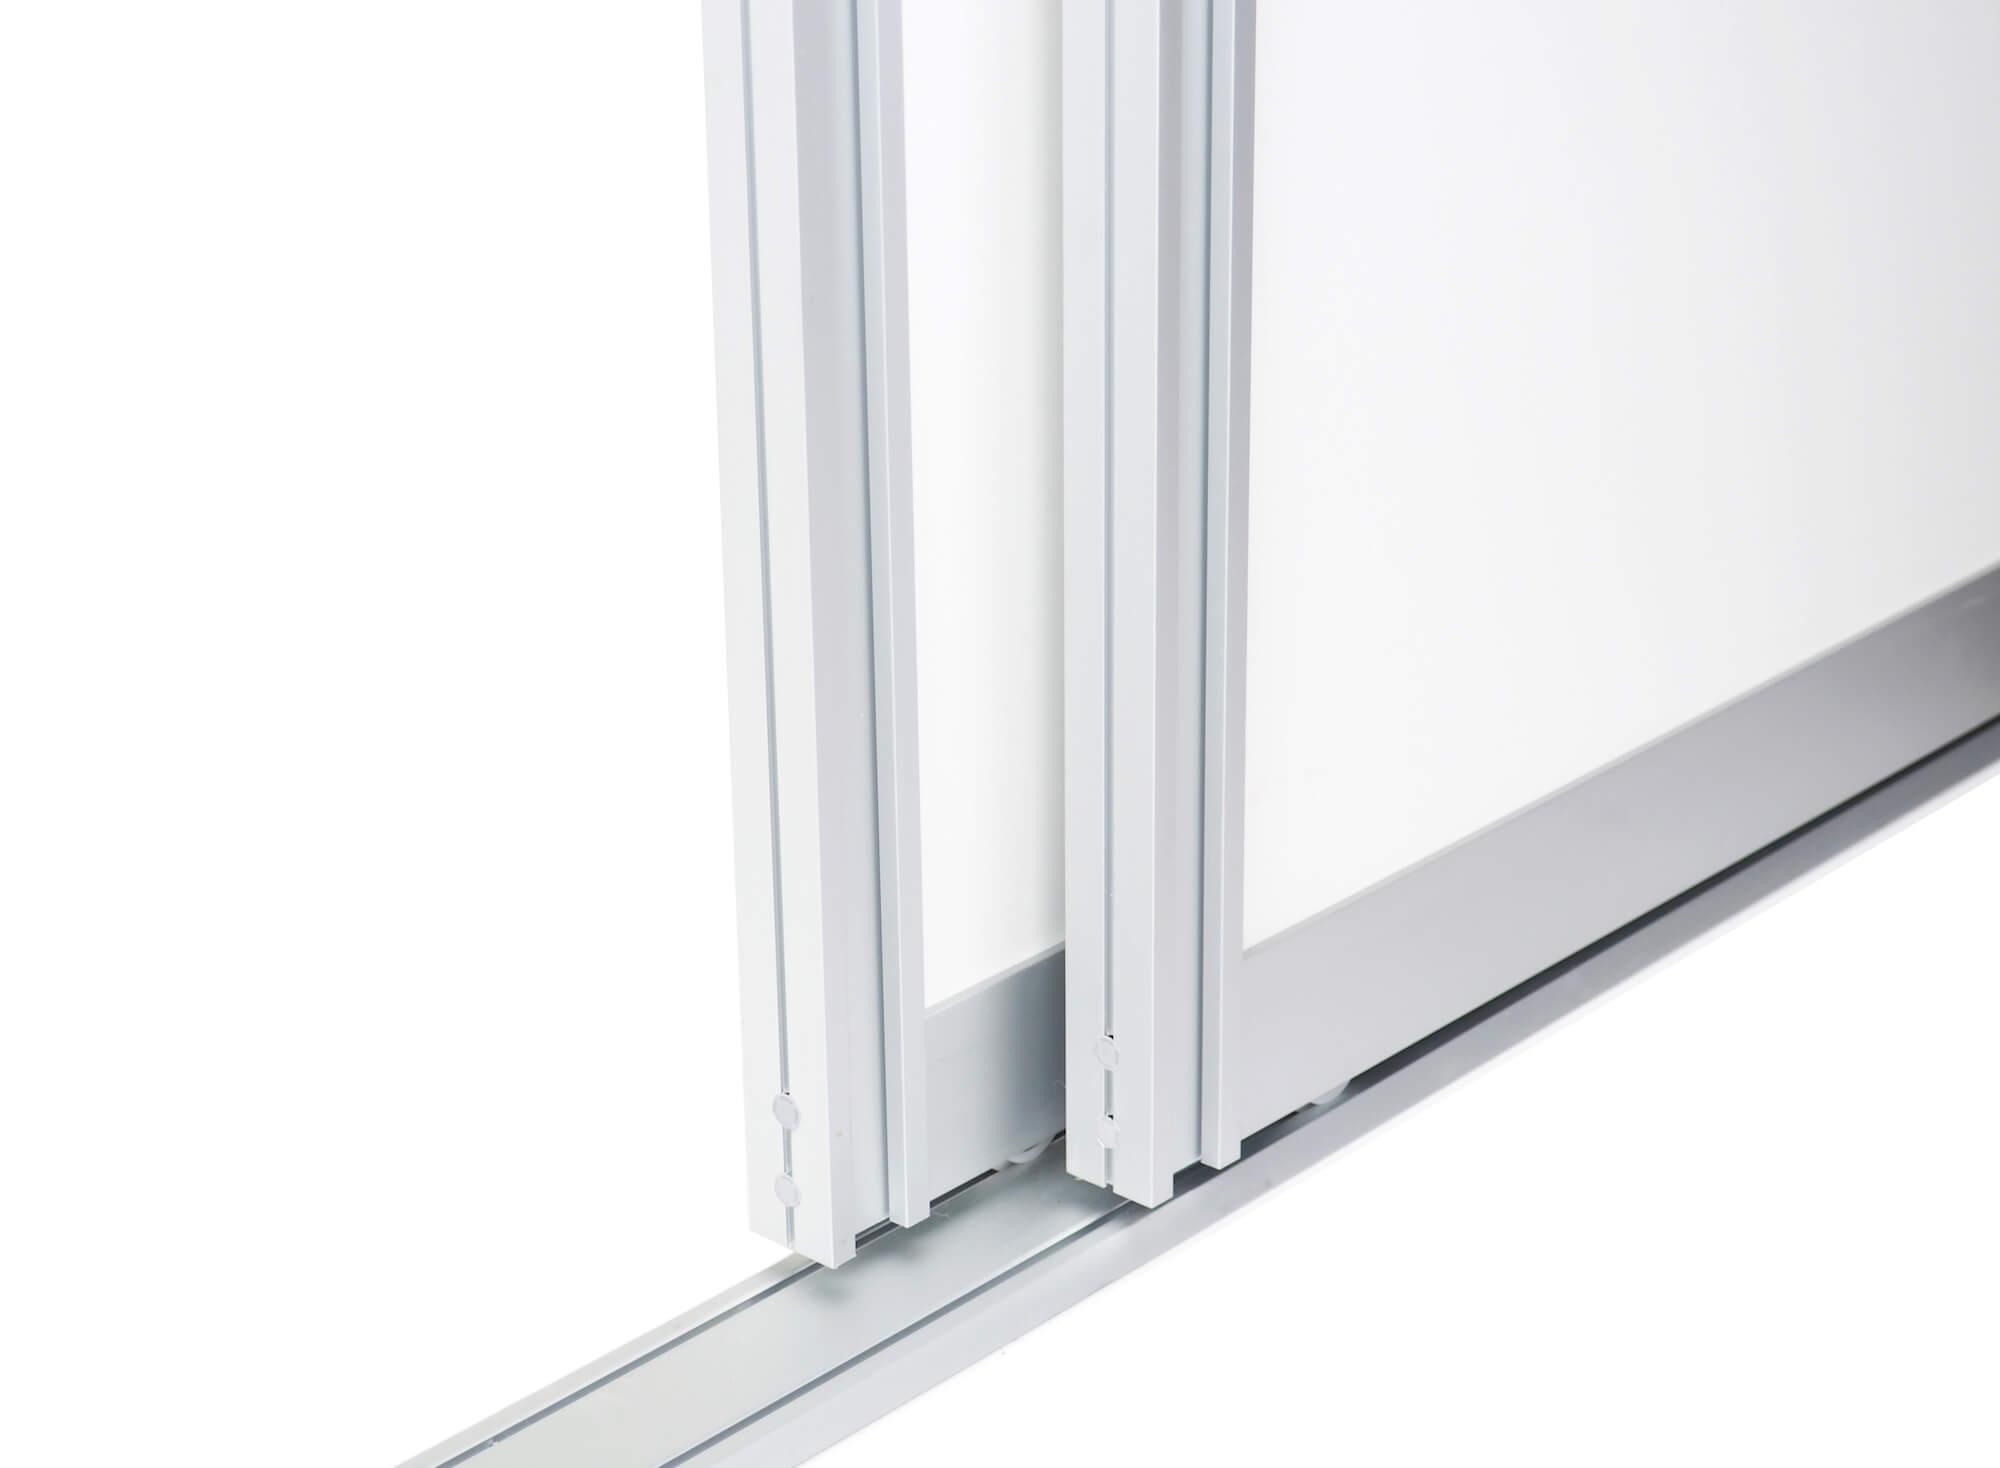 Schiebetür Profil Tosca Beispielfoto für Raumteiler, Schranktüren und Durchgangstüren